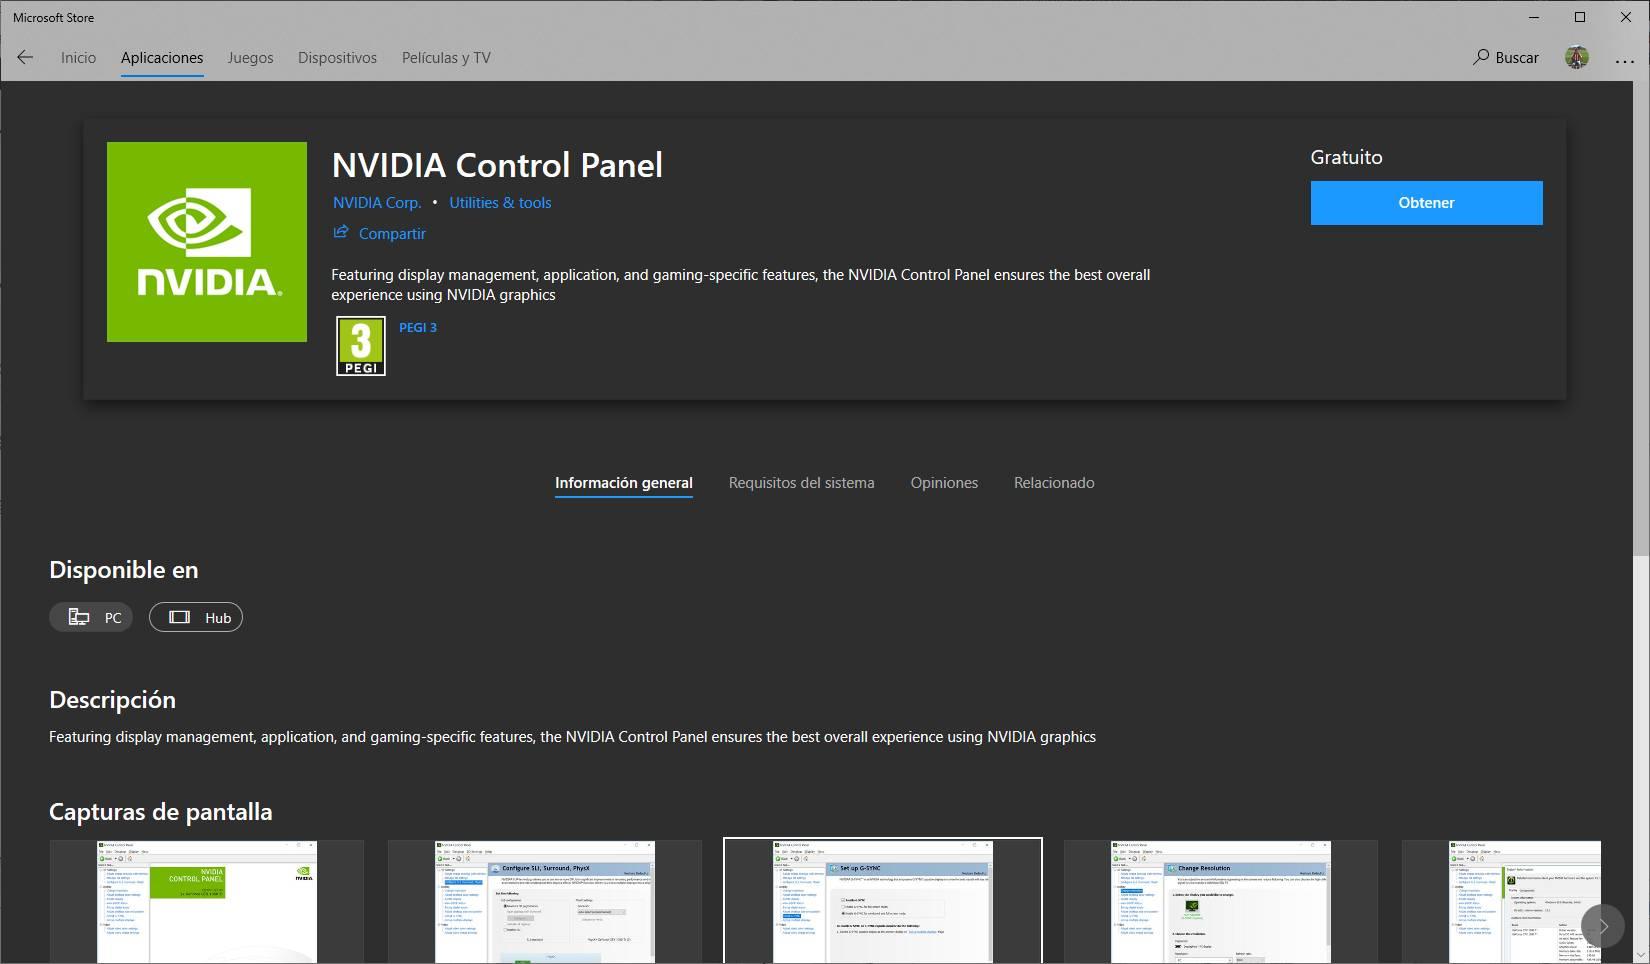 El Panel de control de NVIDIA llega a la Tienda de Microsoft